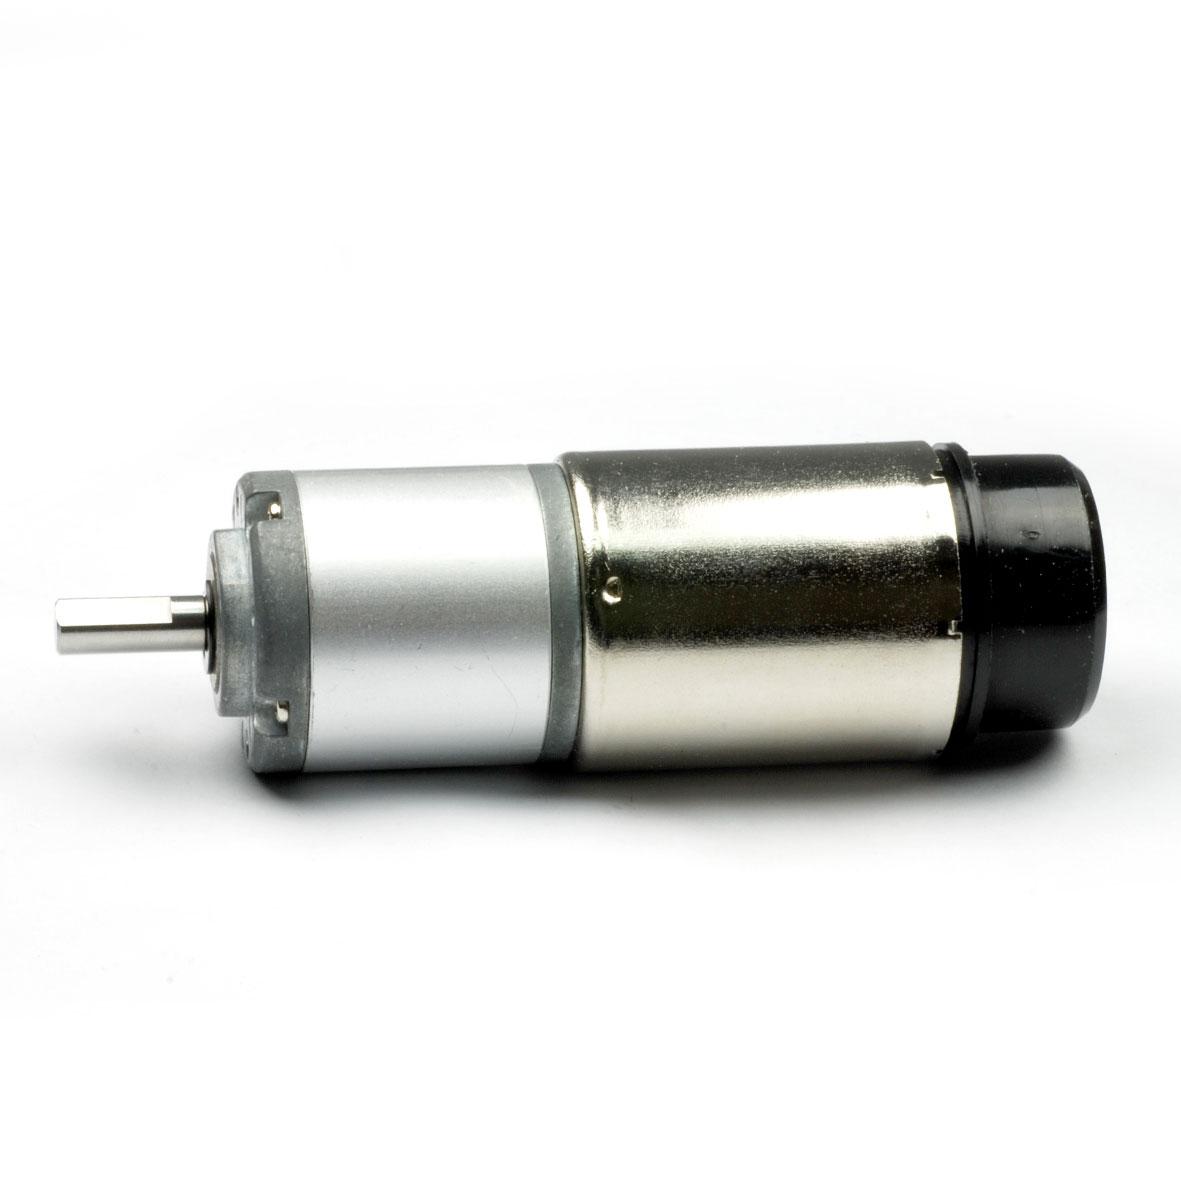 Dia. Motore a spazzole CC da 32 mm con riduttore - Motore con spazzole a basso numero di giri e motore alto 32 mm con riduttore